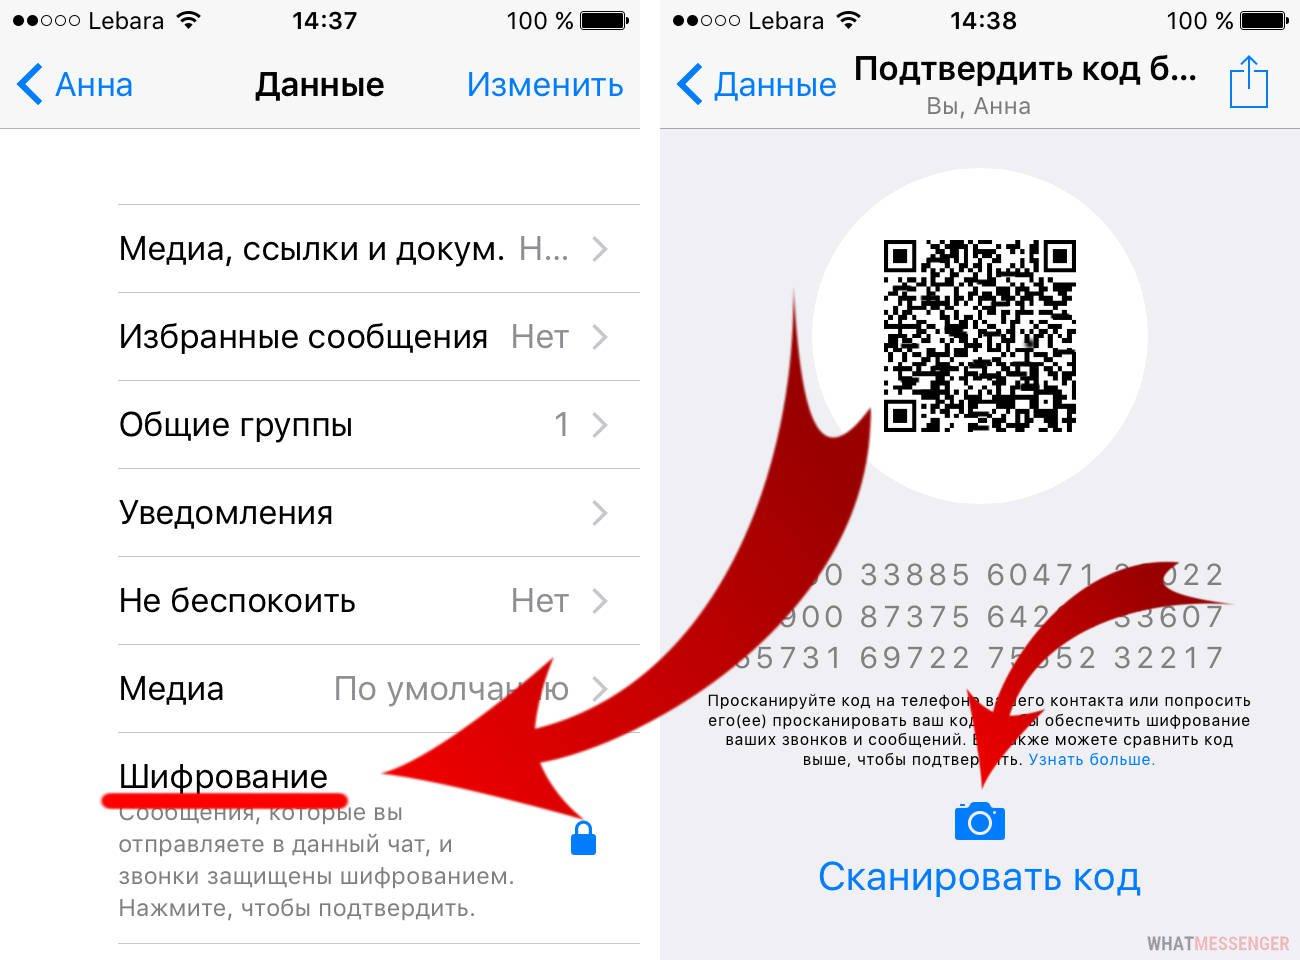 Whatsapp отказывается от сквозного шифрования и теперь доступ к переписке получат спецслужбы - 1rre